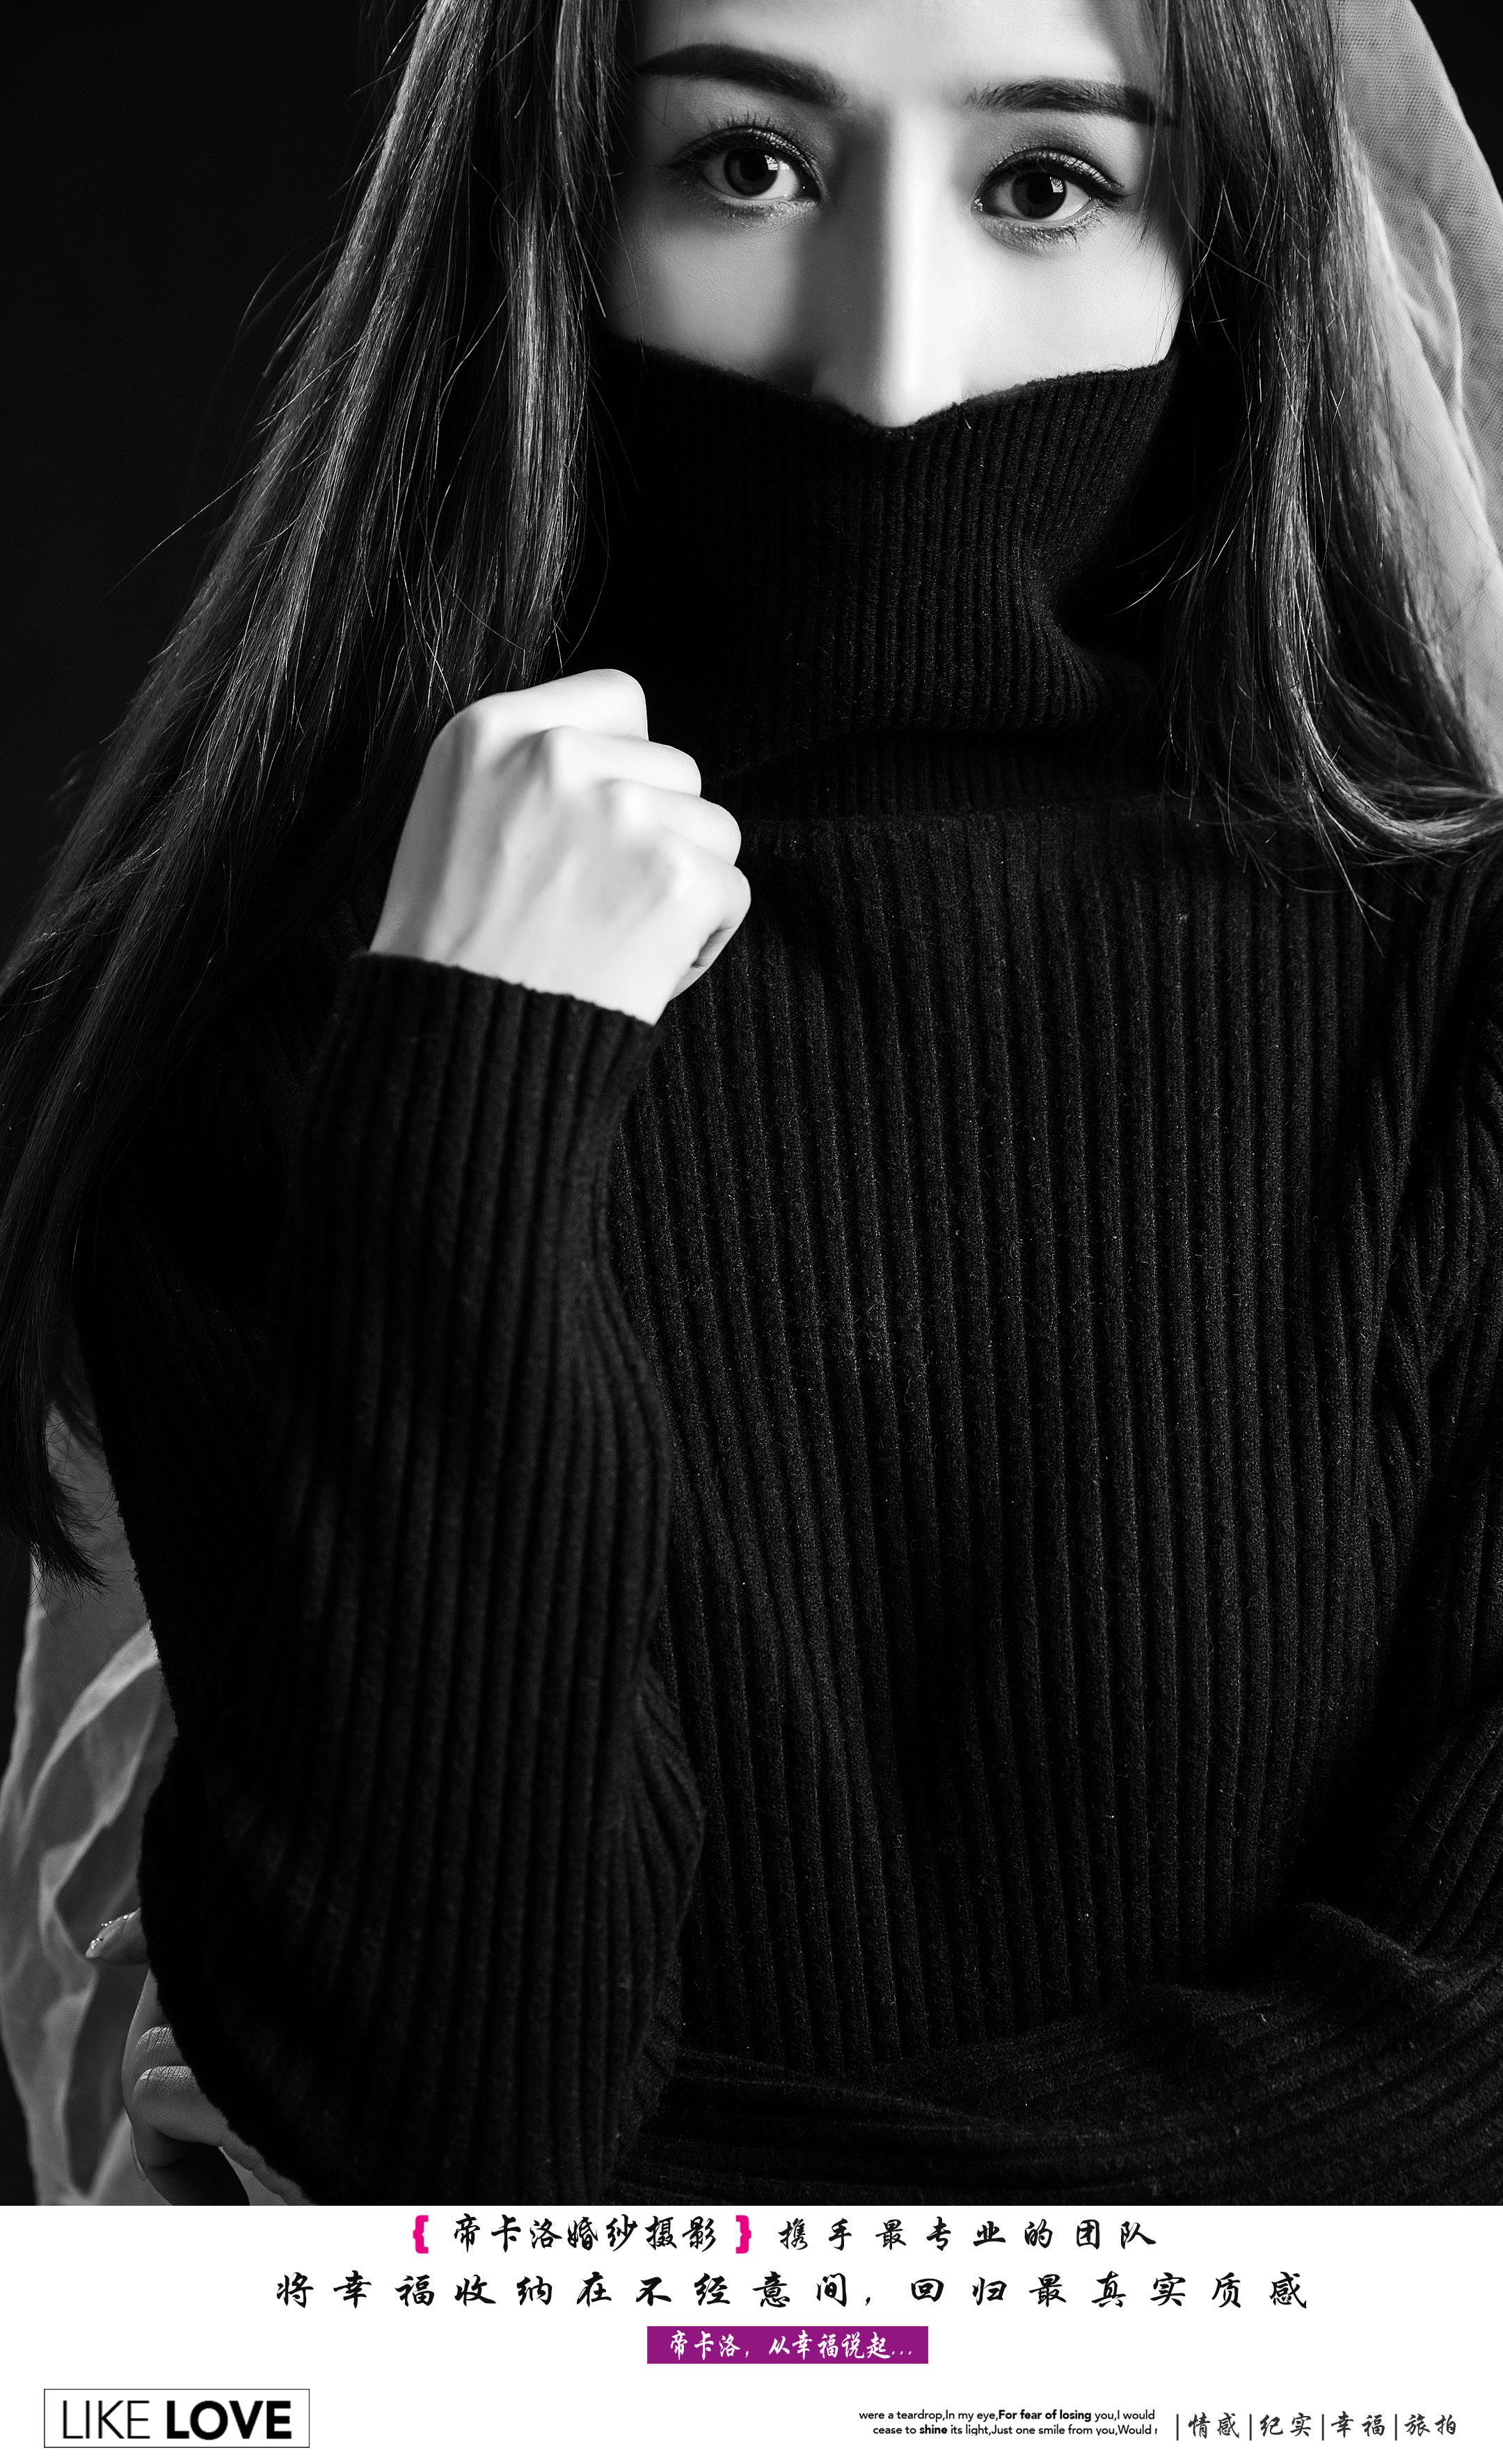 黑毛衣搭配白纱巾写真